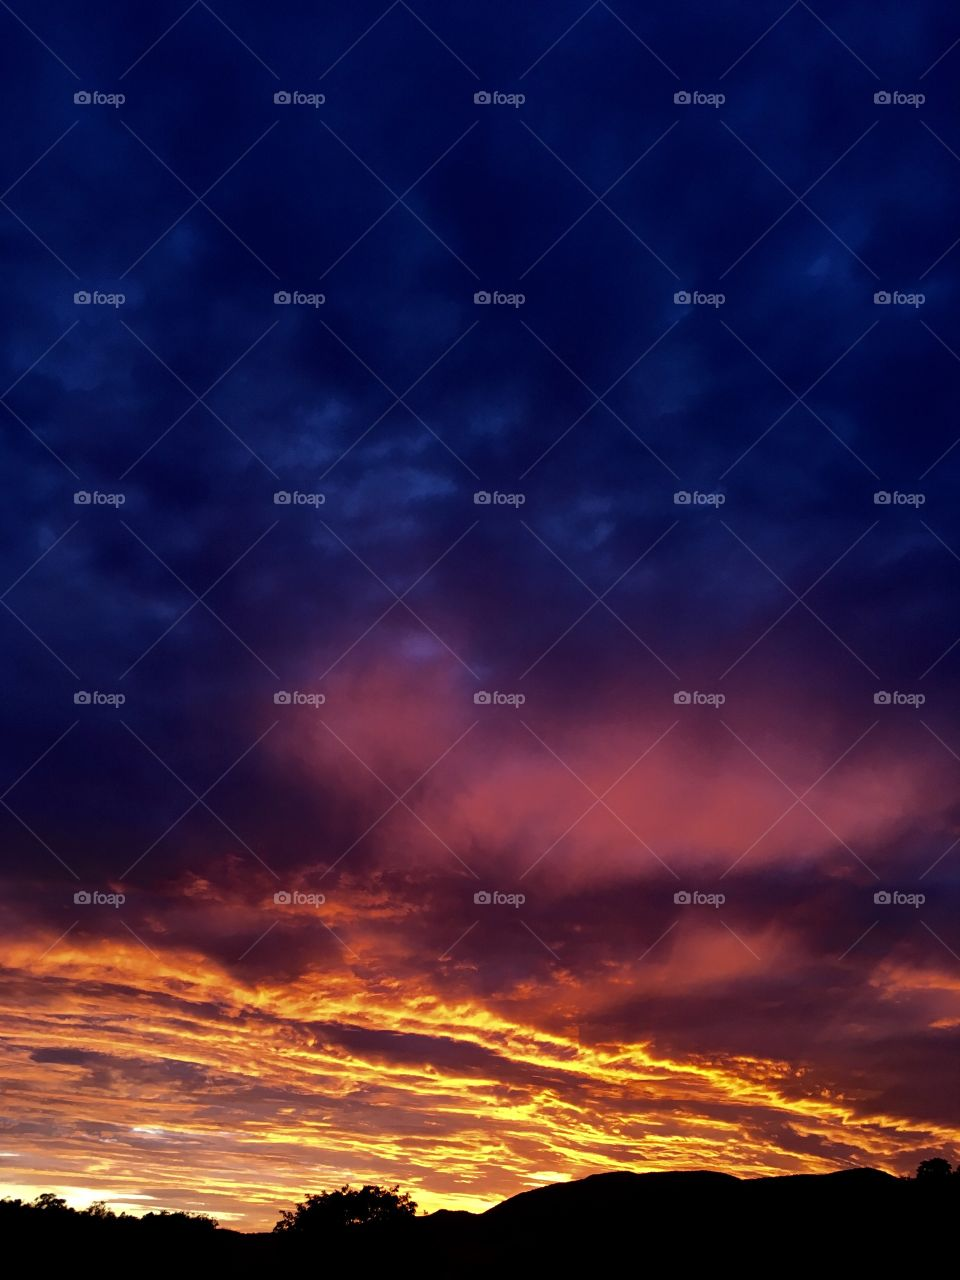 06h - Desperta, #Jundiaí! Ótima 4a feira a todos.  🌅 #sol #sun #sky #céu #nature #manhã #morning #alvorada #natureza #horizonte #fotografia #paisagem #amanhecer #mobgraphia #FotografeiEmJundiaí #brazil_mobile